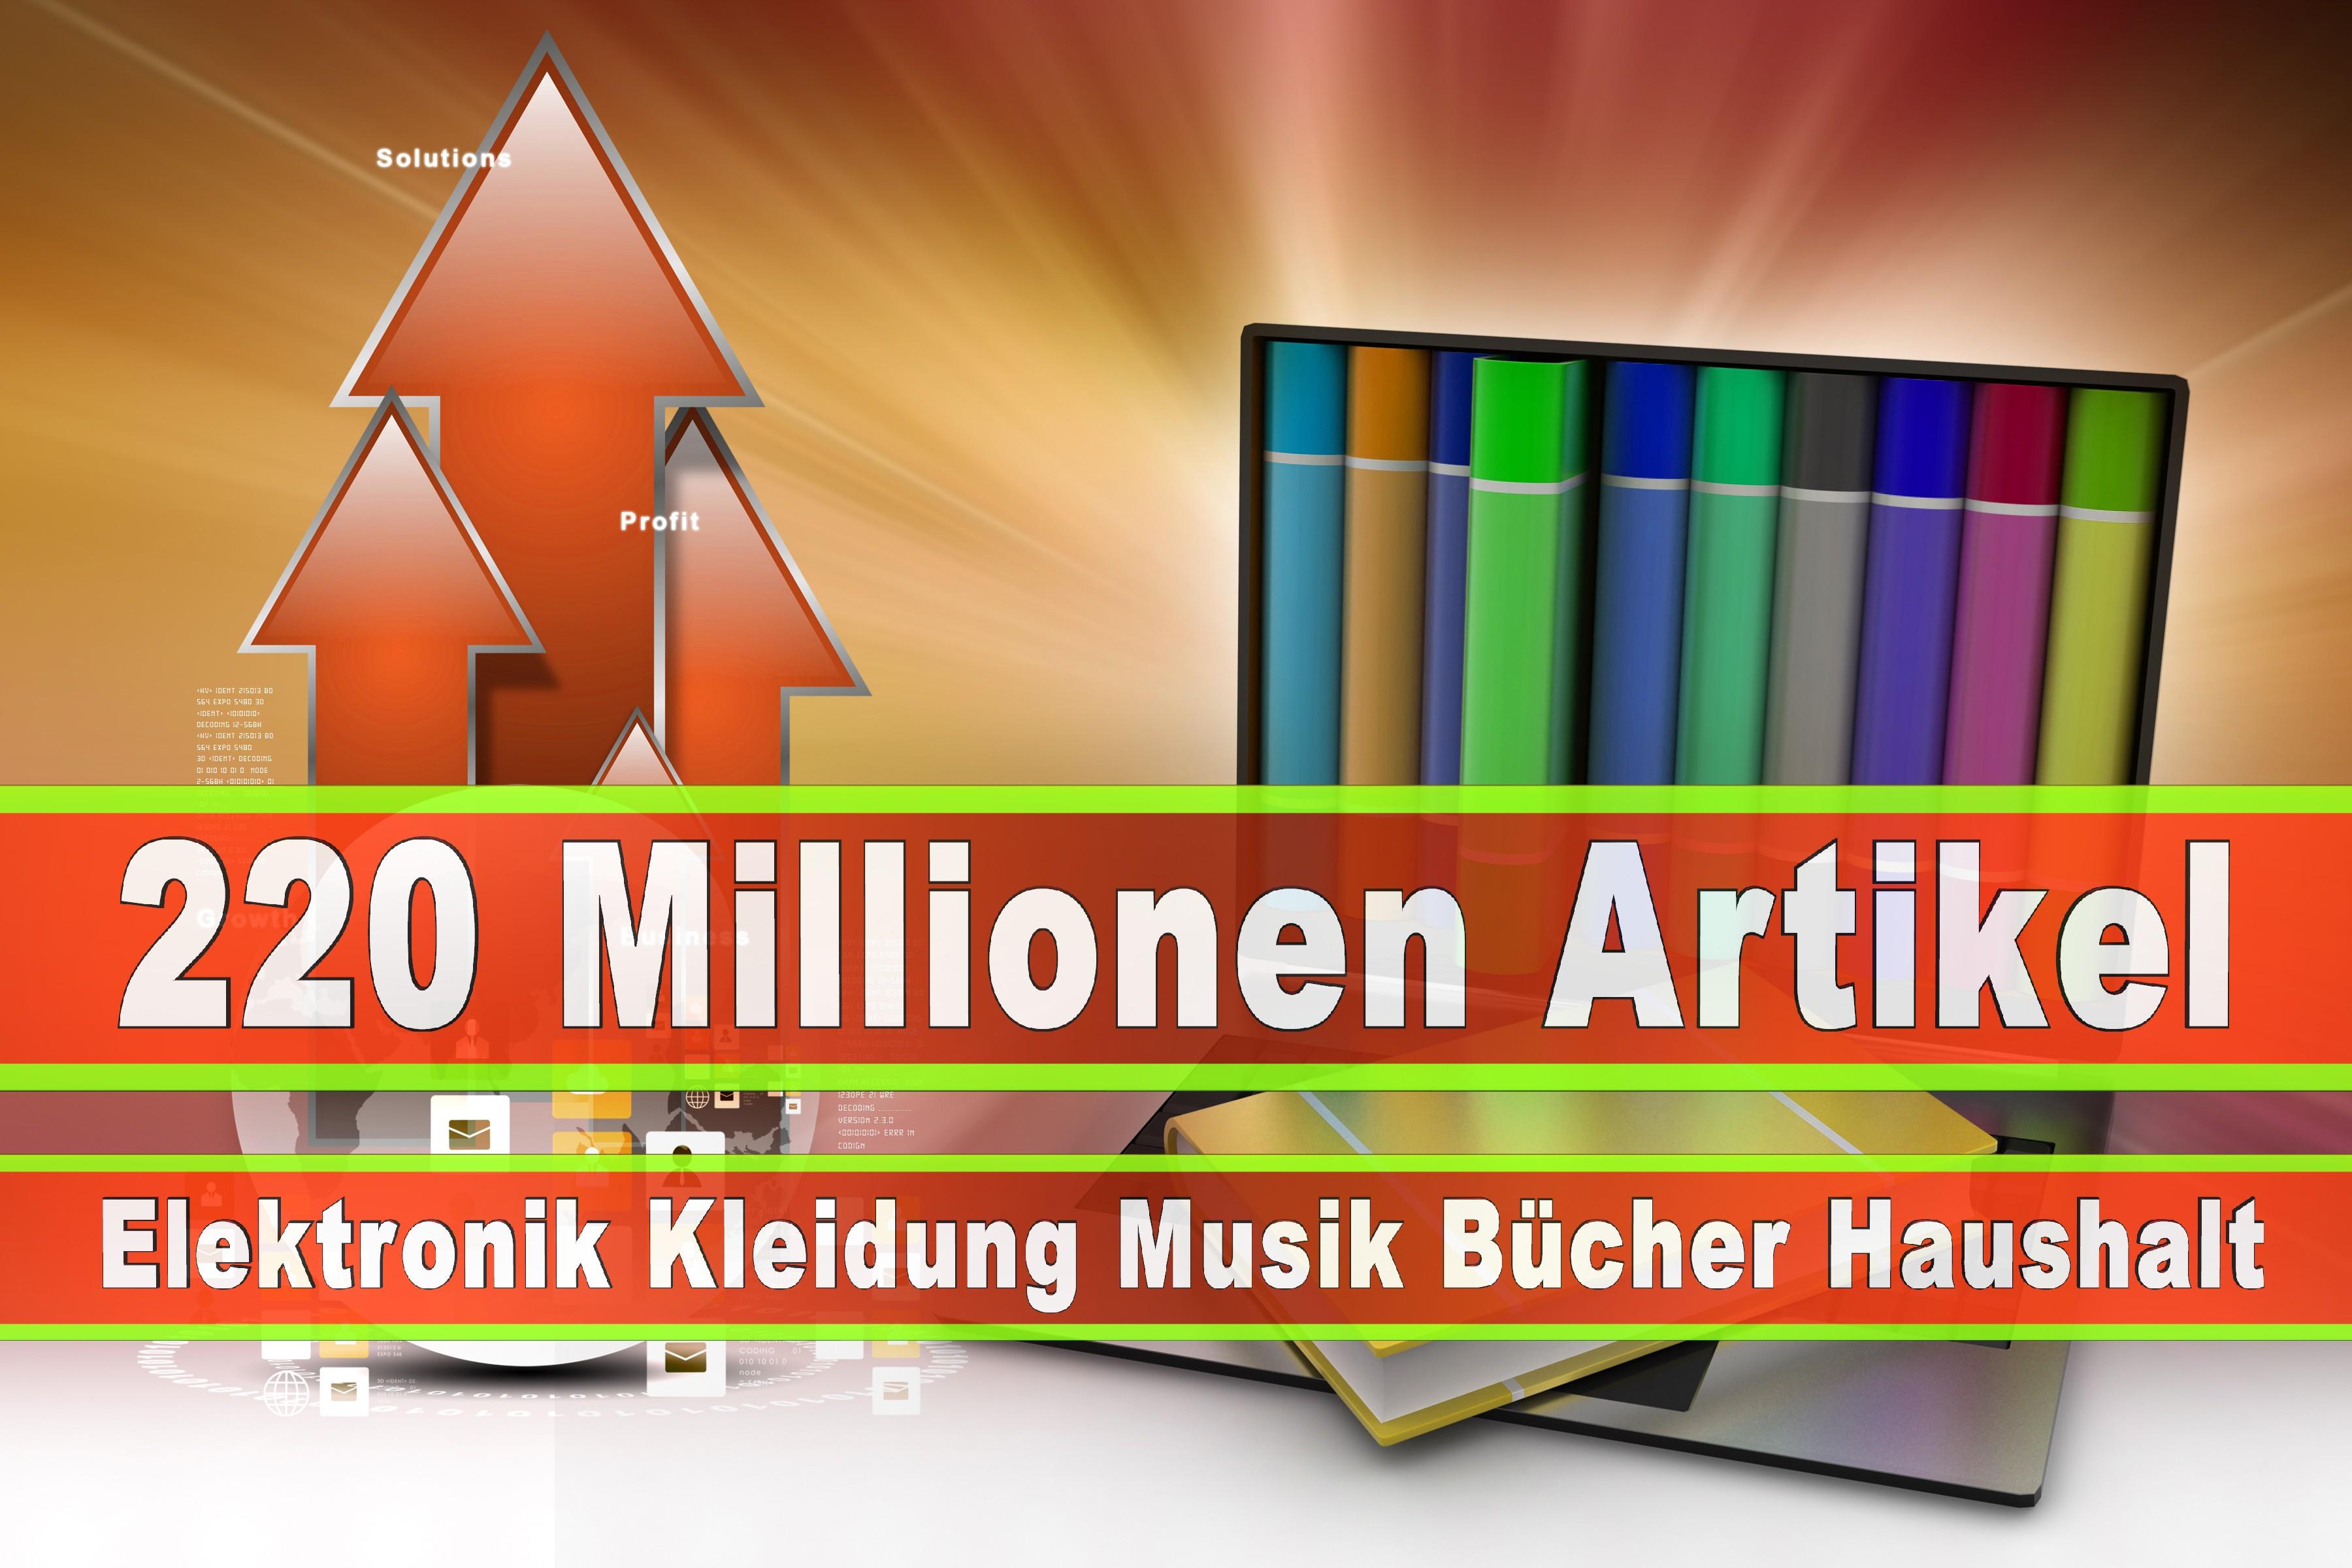 Amazon Elektronik Musik Haushalt Bücher CD DVD Handys Smartphones TV Television Fernseher Kleidung Mode Ebay (36)